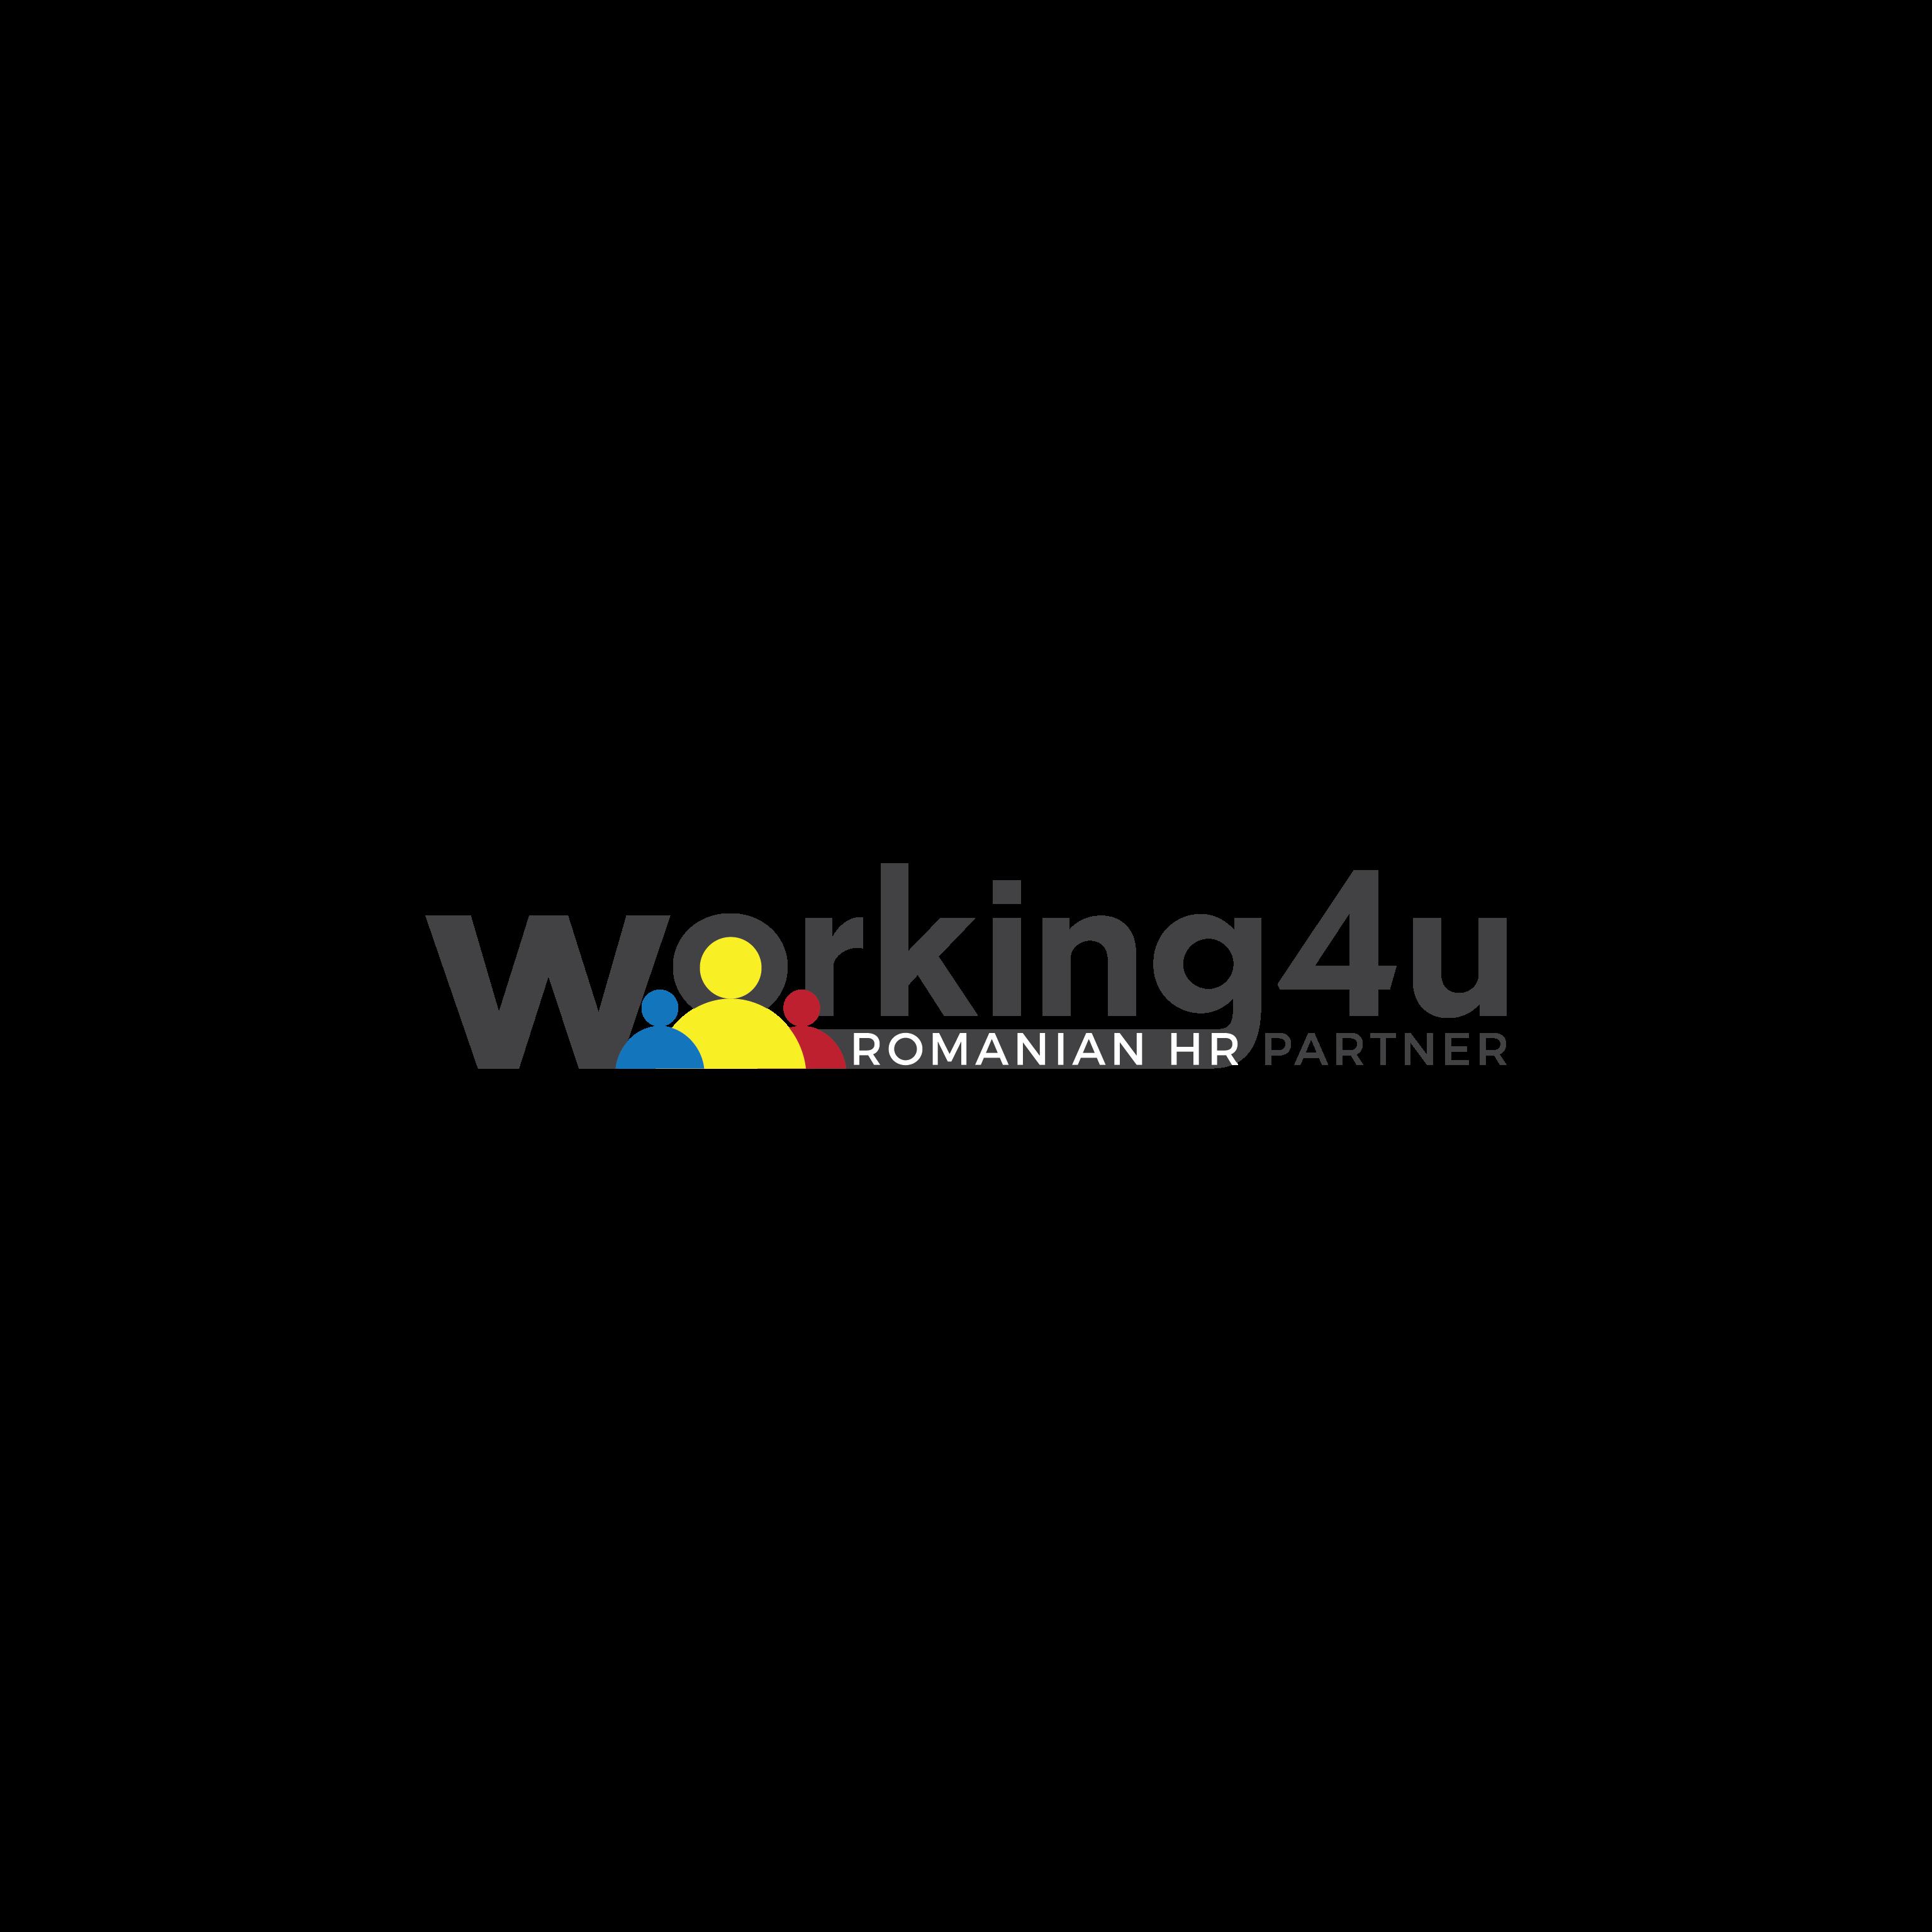 Working4u Exclusive